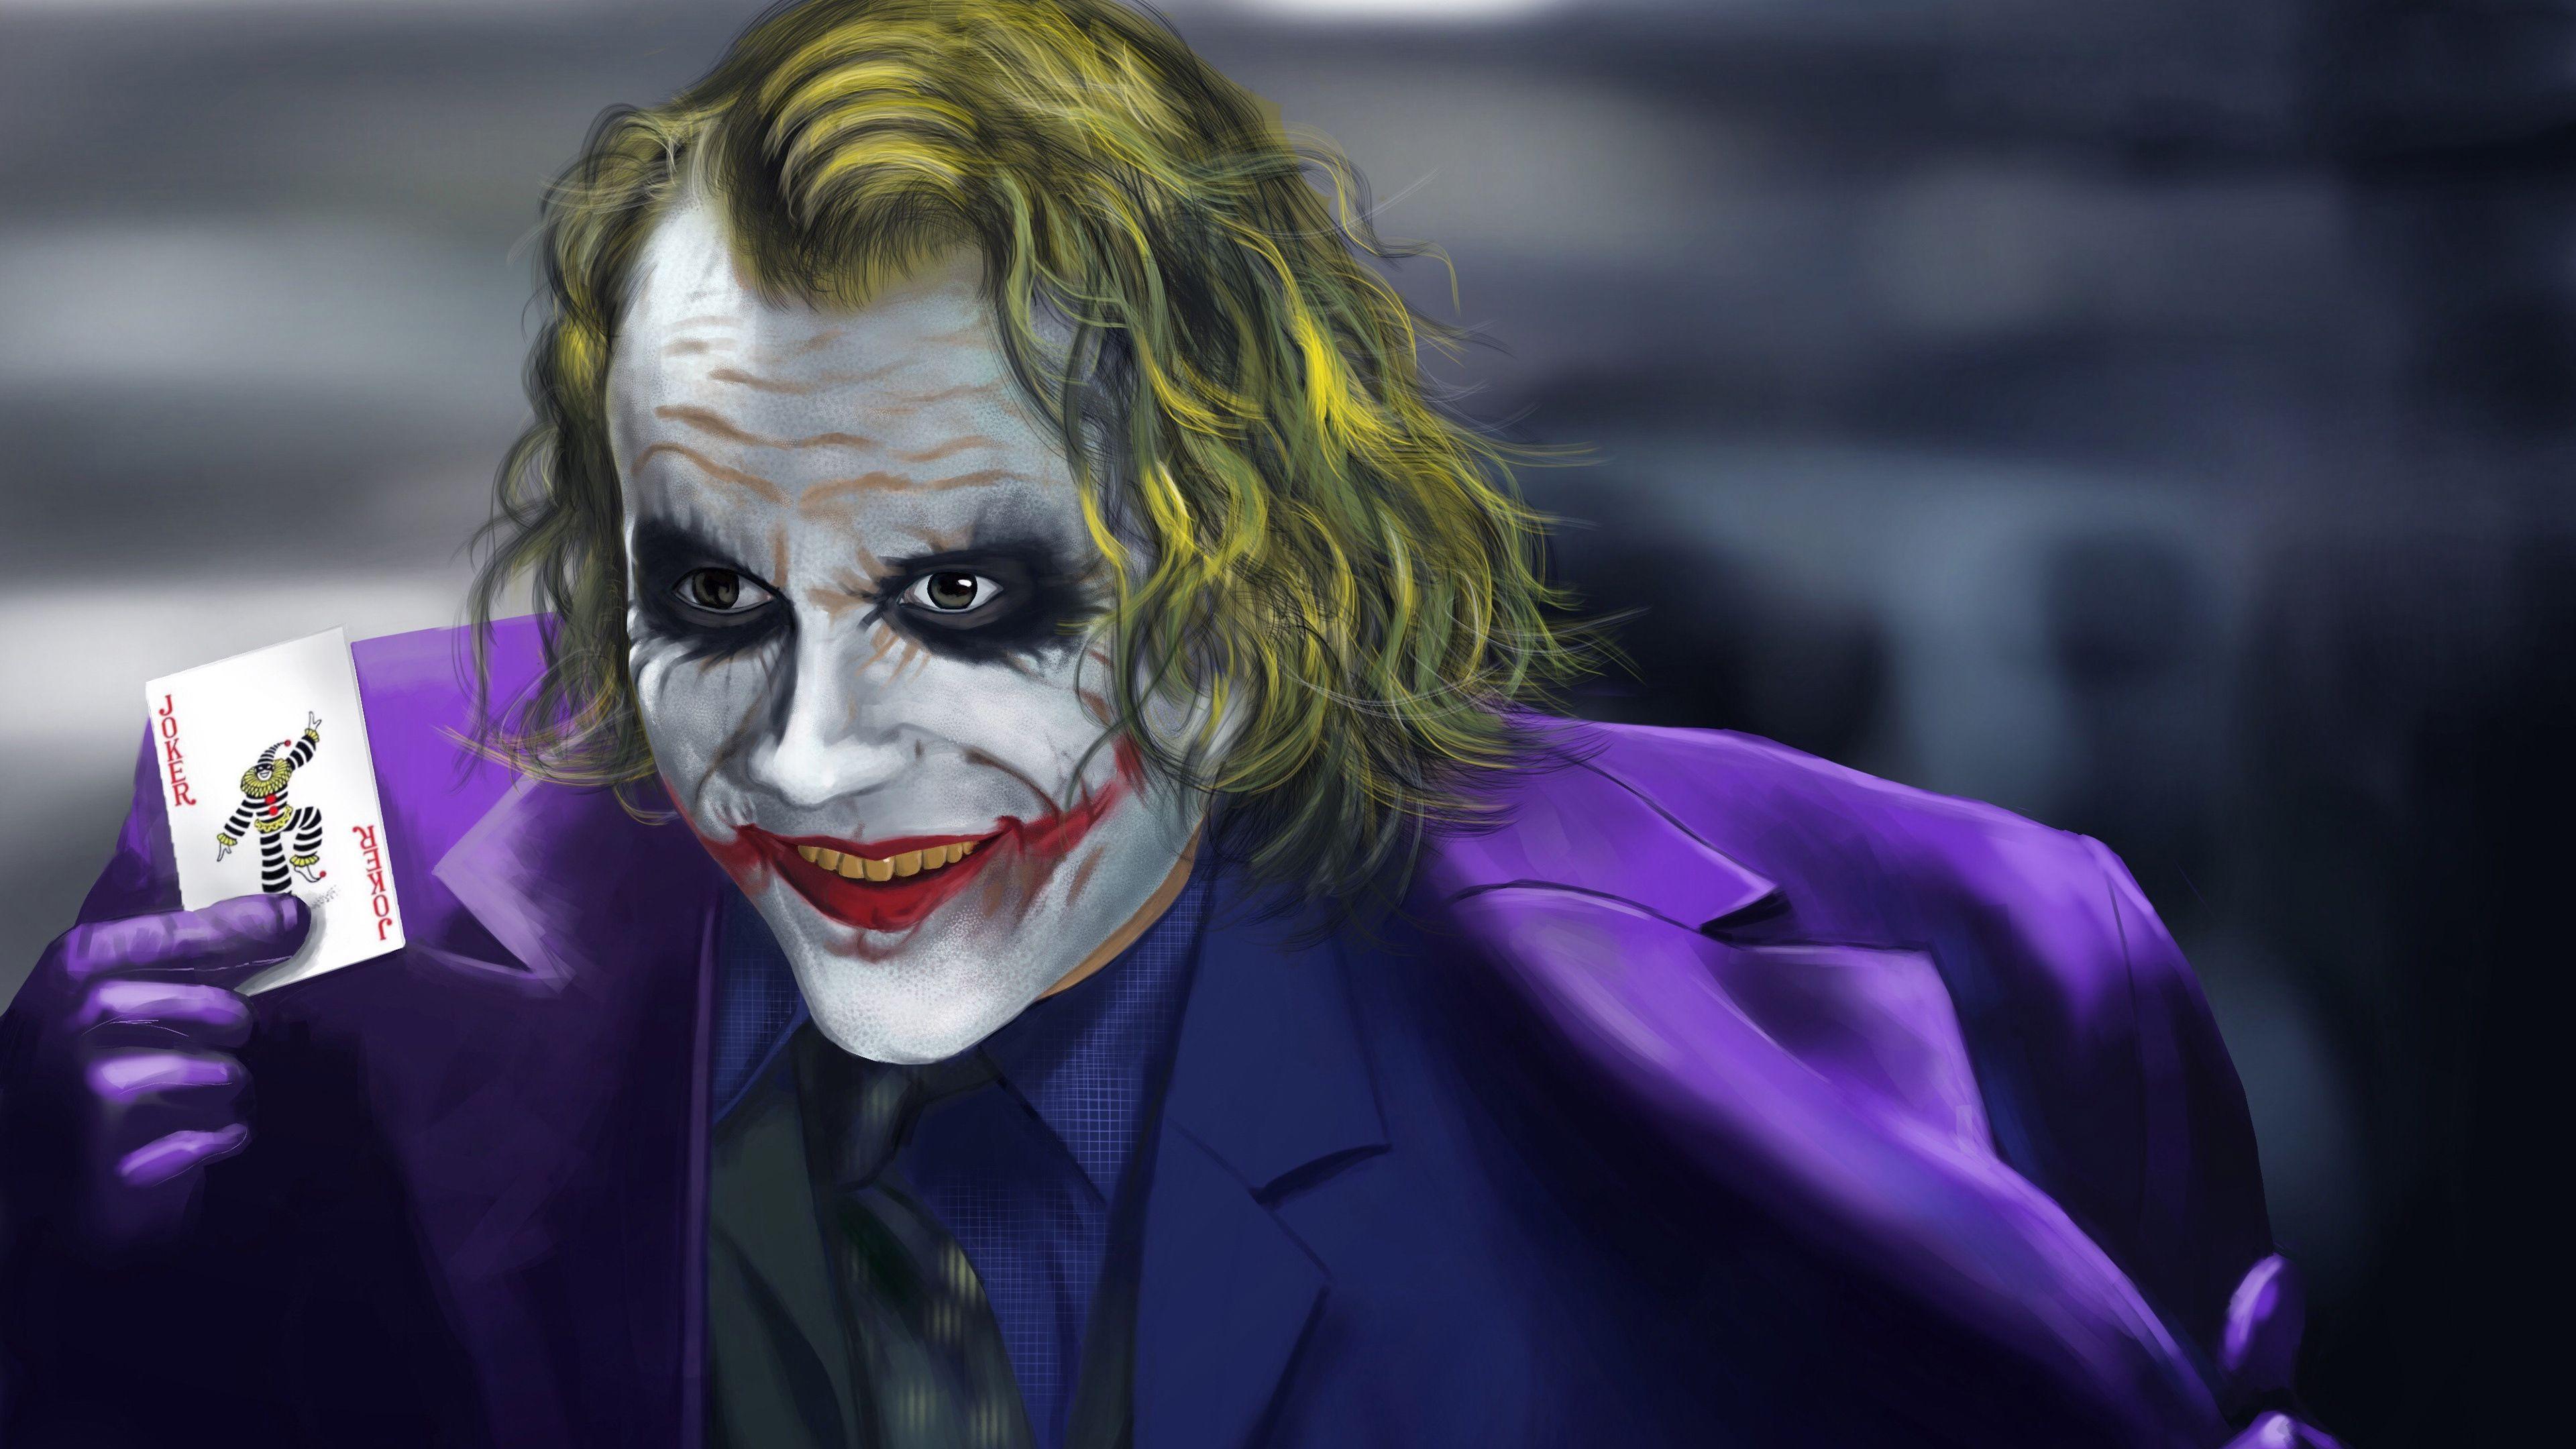 Joker 4k New Artwork 4k superheroes wallpapers, joker ...